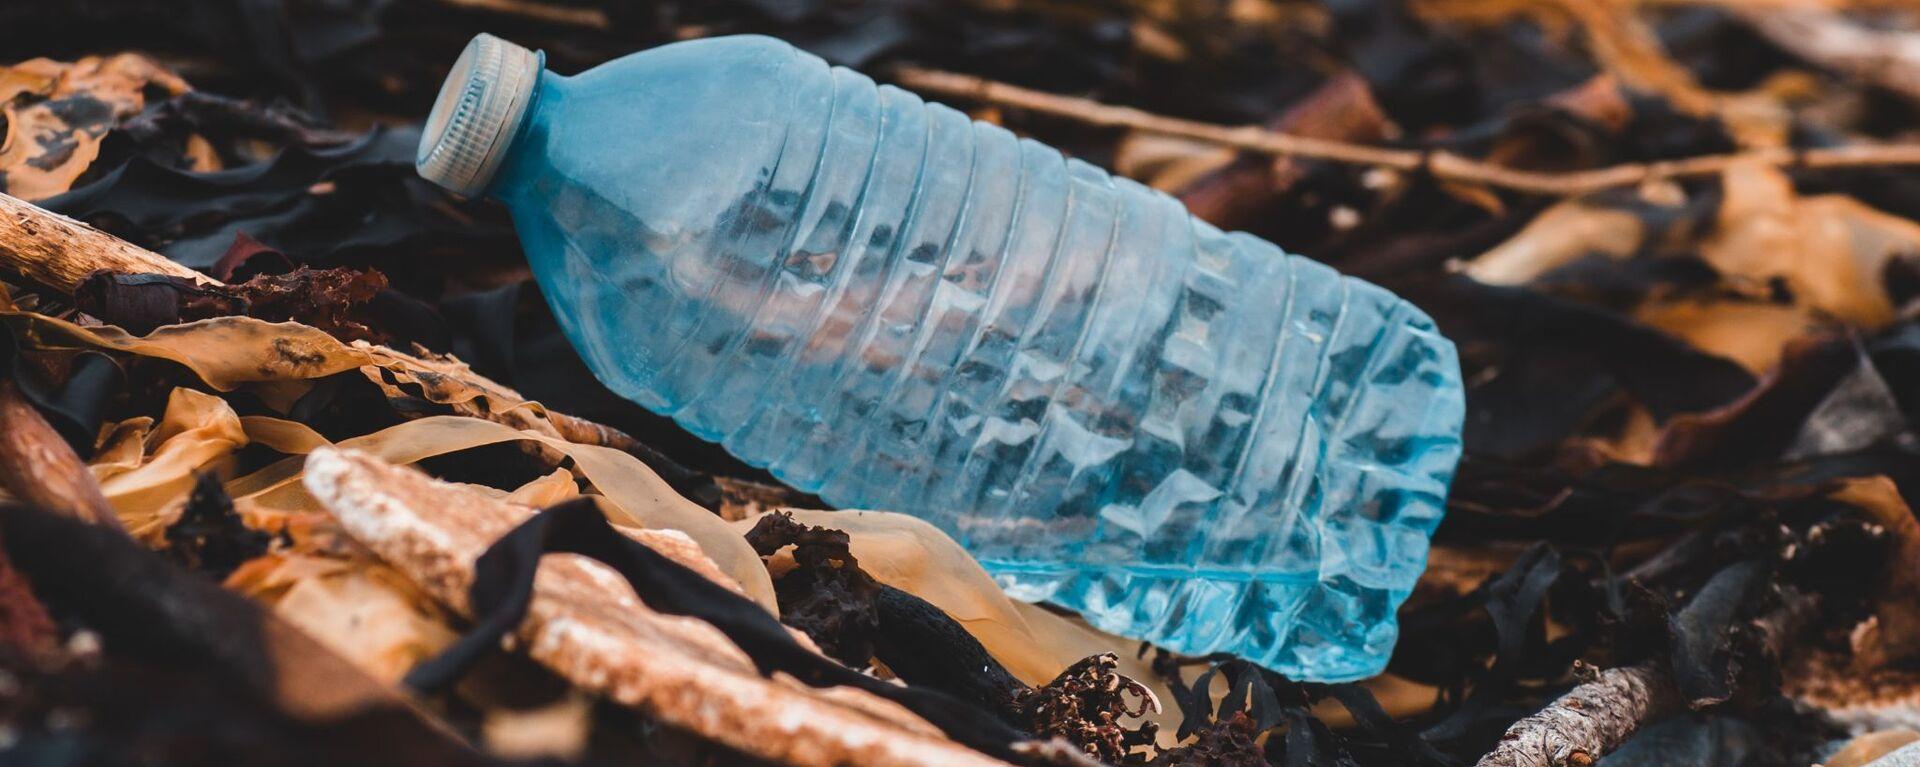 Una botella de plástico - Sputnik Mundo, 1920, 11.12.2020